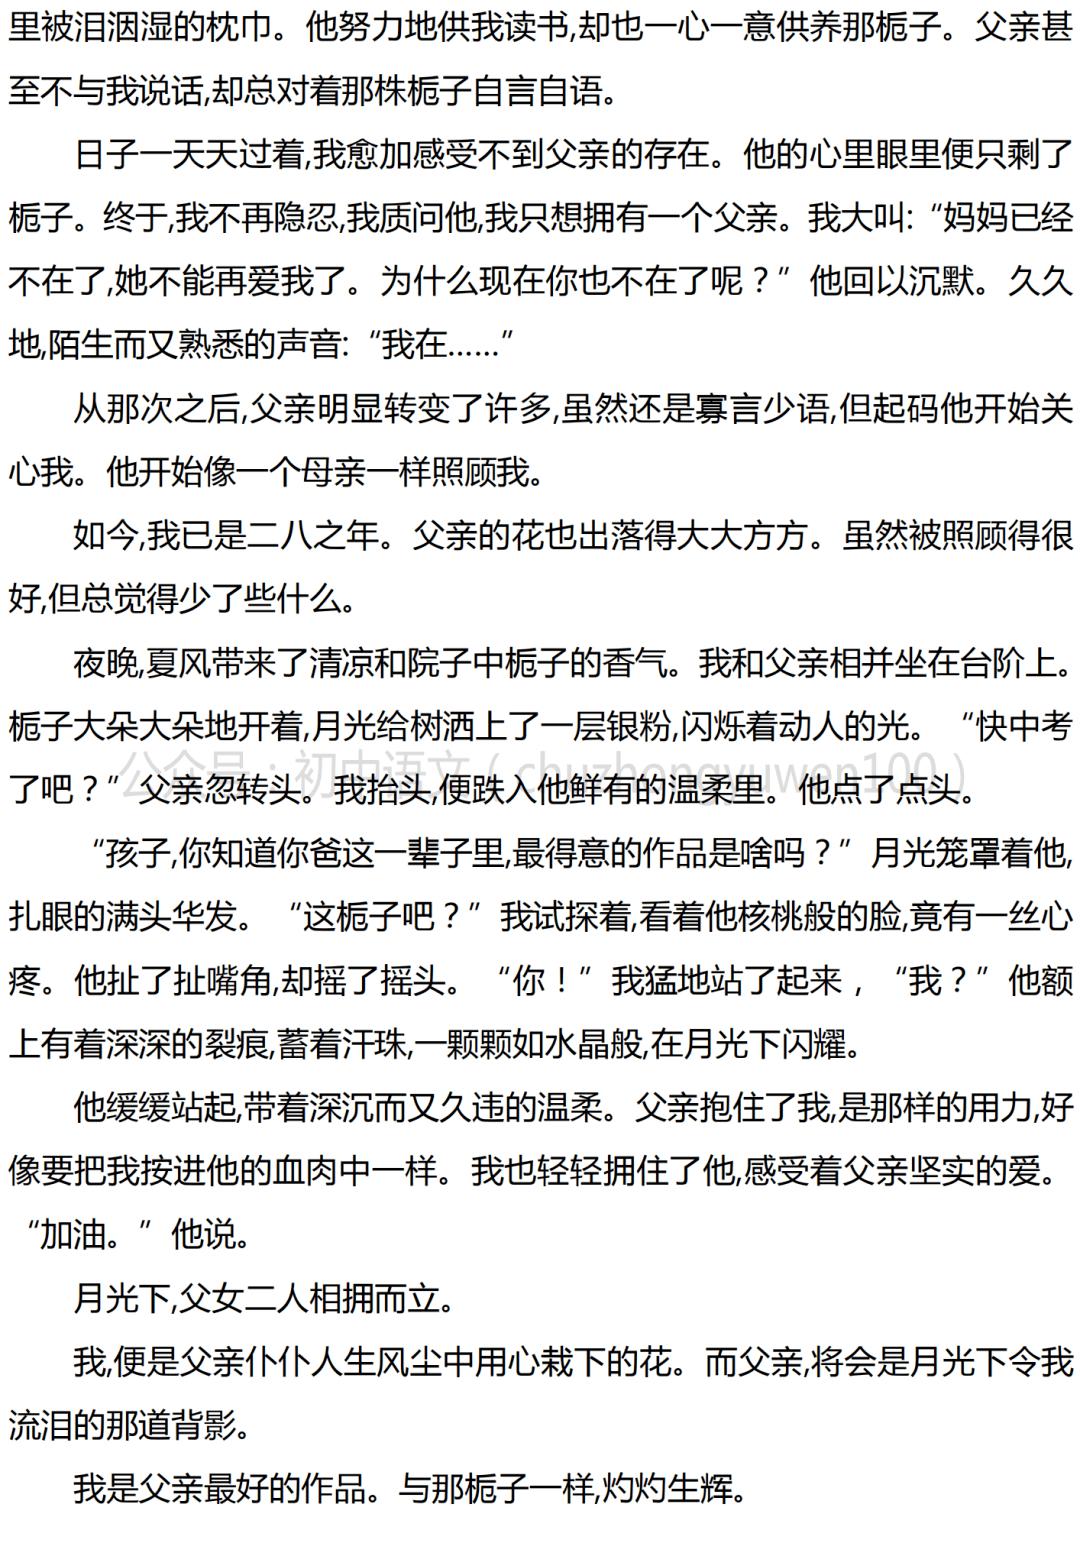 购物数学作文【精选7篇】 数学日记超市购物